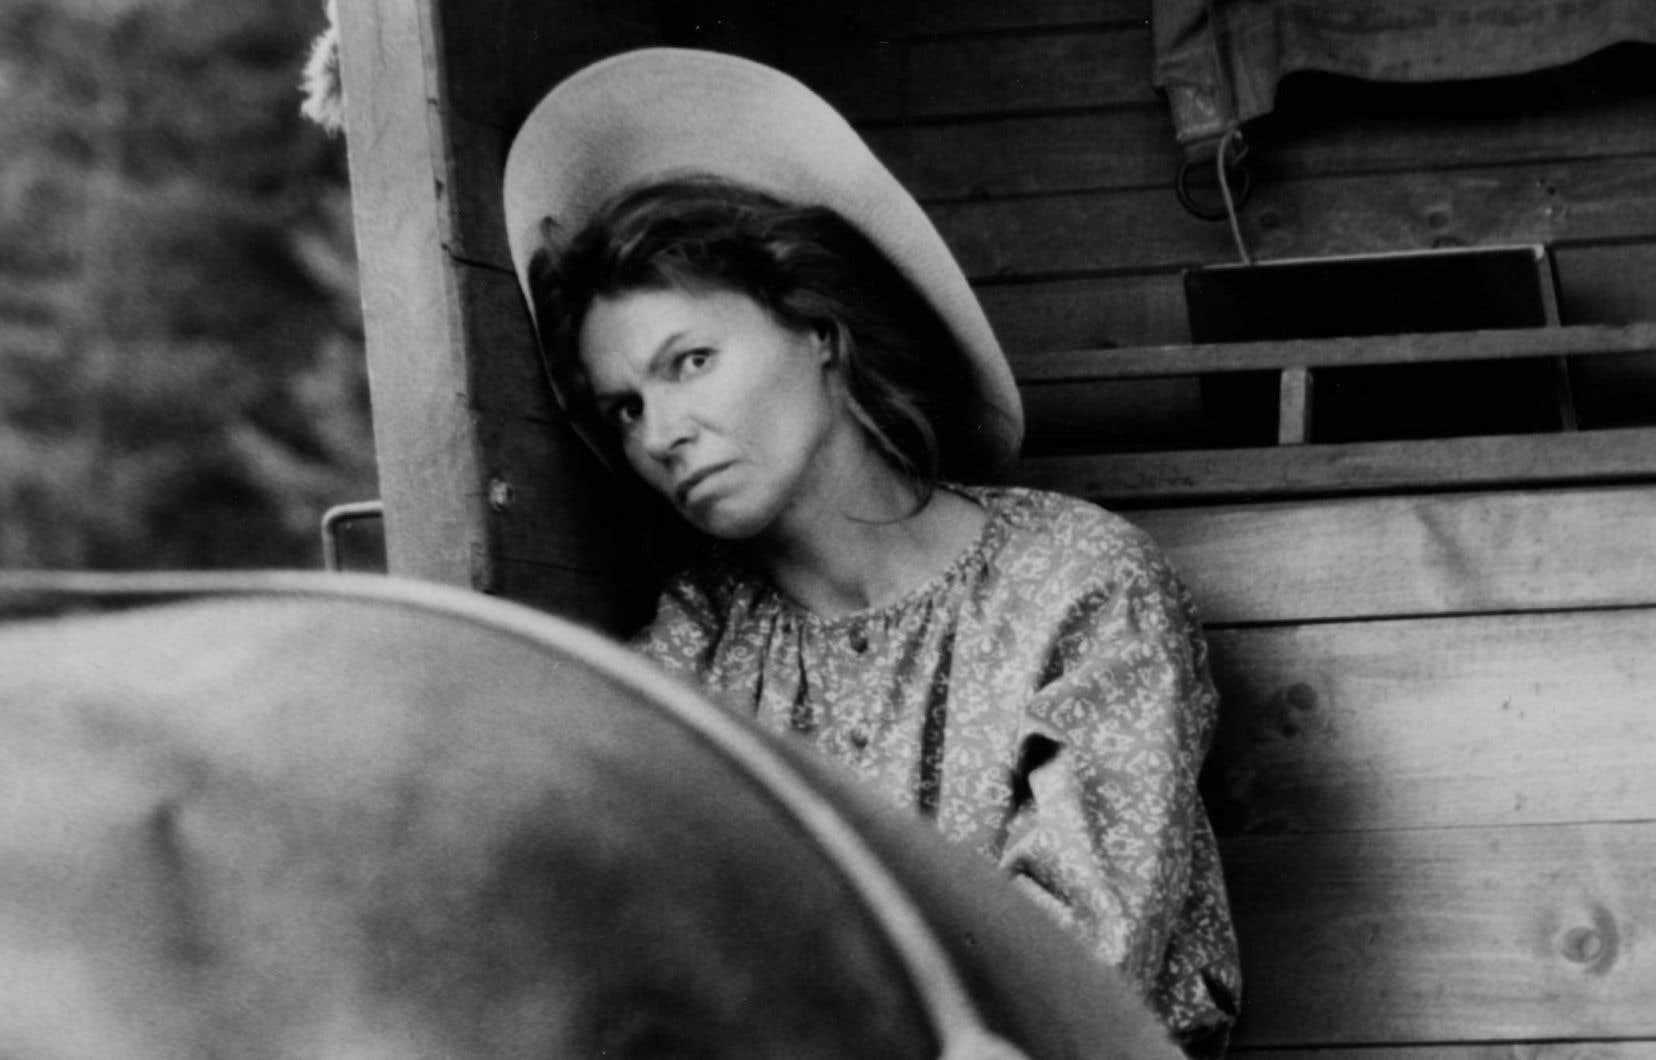 Ce classique du cinéma québécois a été lauréat de nombreux prix, dont le prix d'interprétation féminine au Festival de Cannes en 1977, remis à Monique Mercure pour son interprétation remarquable de Rose-Aimée, cette femme singulière, et sept prix Génie.